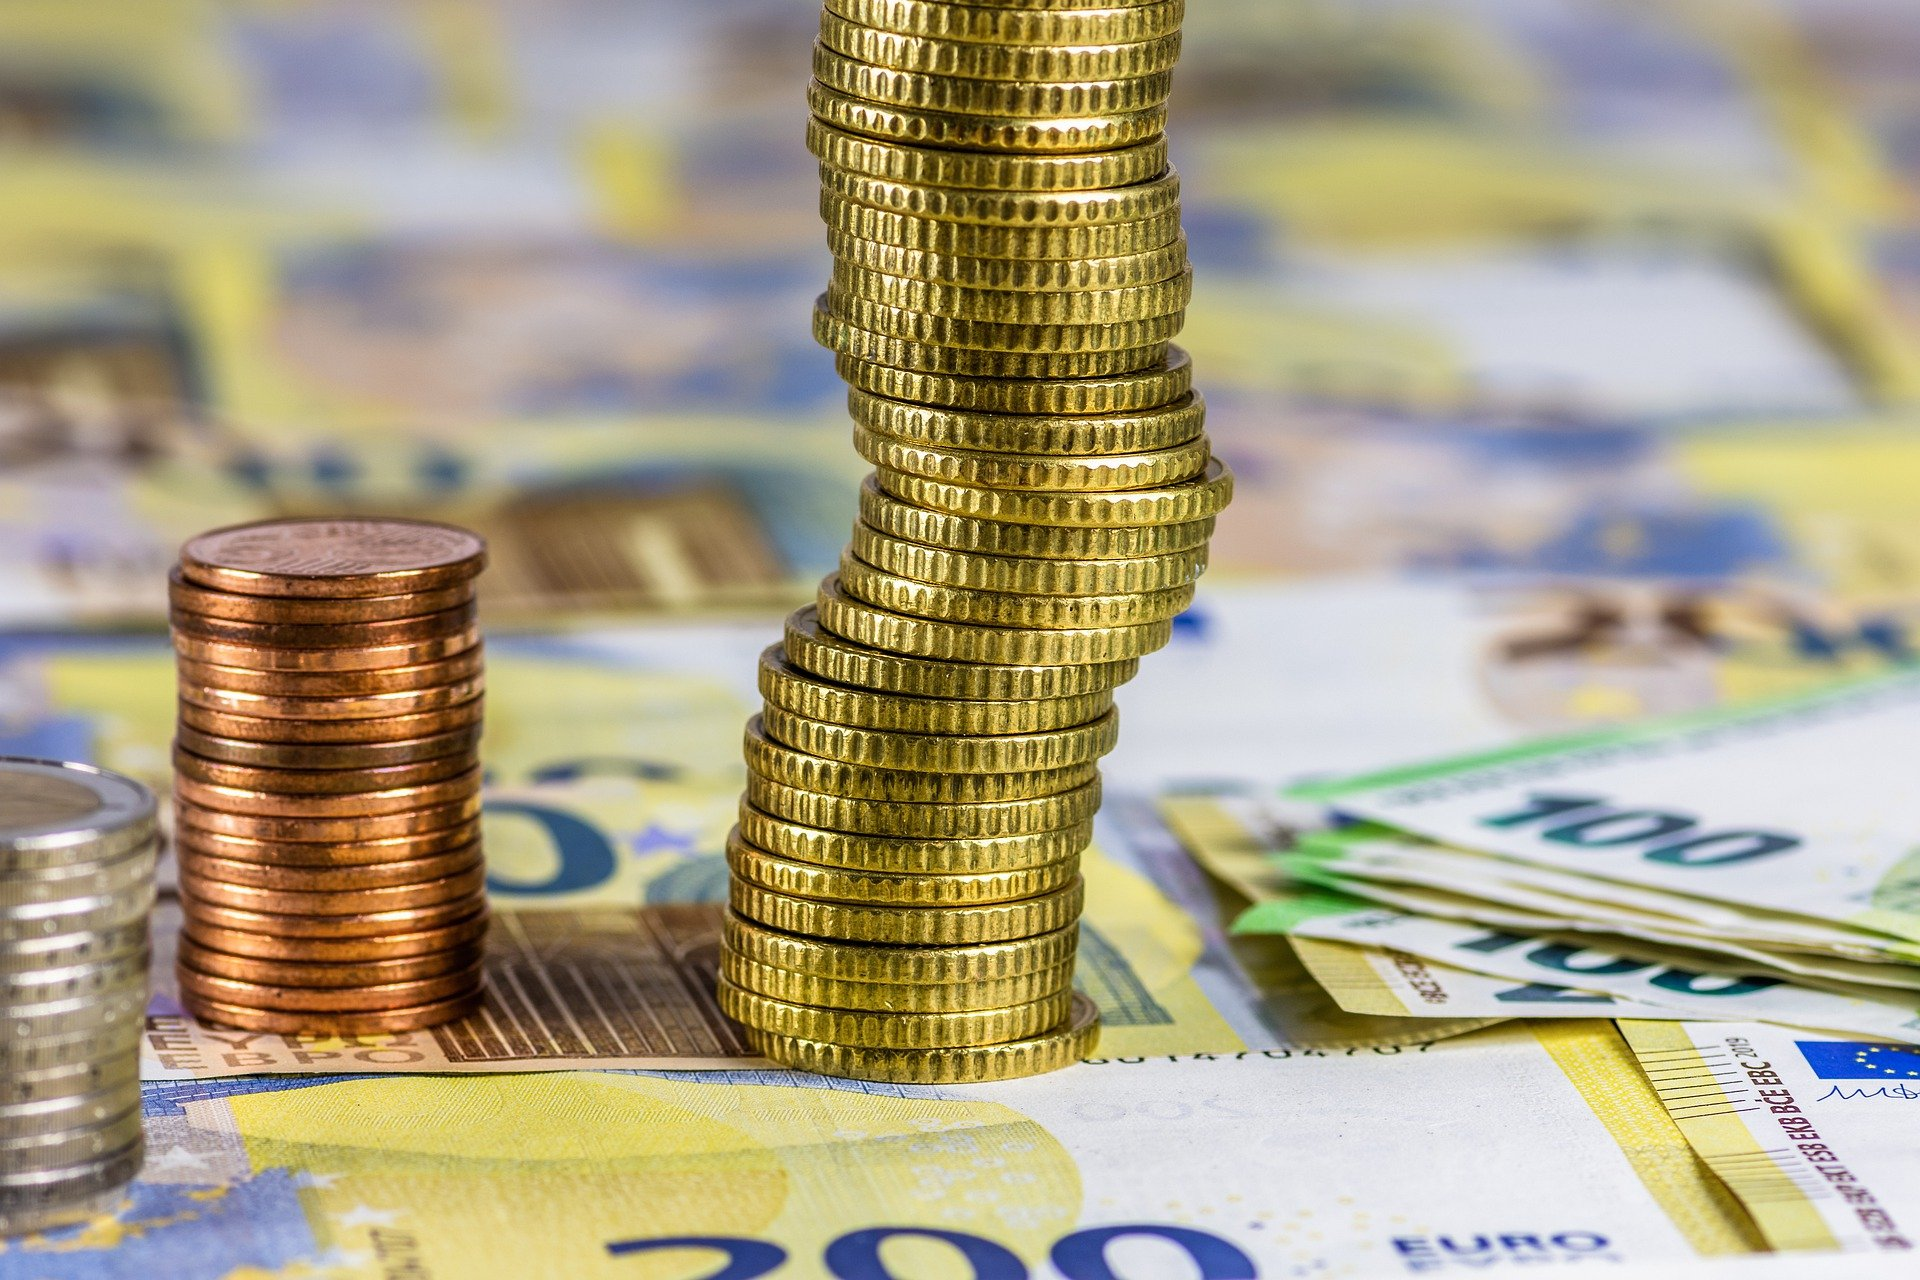 Vemos várias moedas empilhadas sobre algumas notas de dinheiro em uma superfície (imagem ilustrativa). Texto: royalties de franquias.